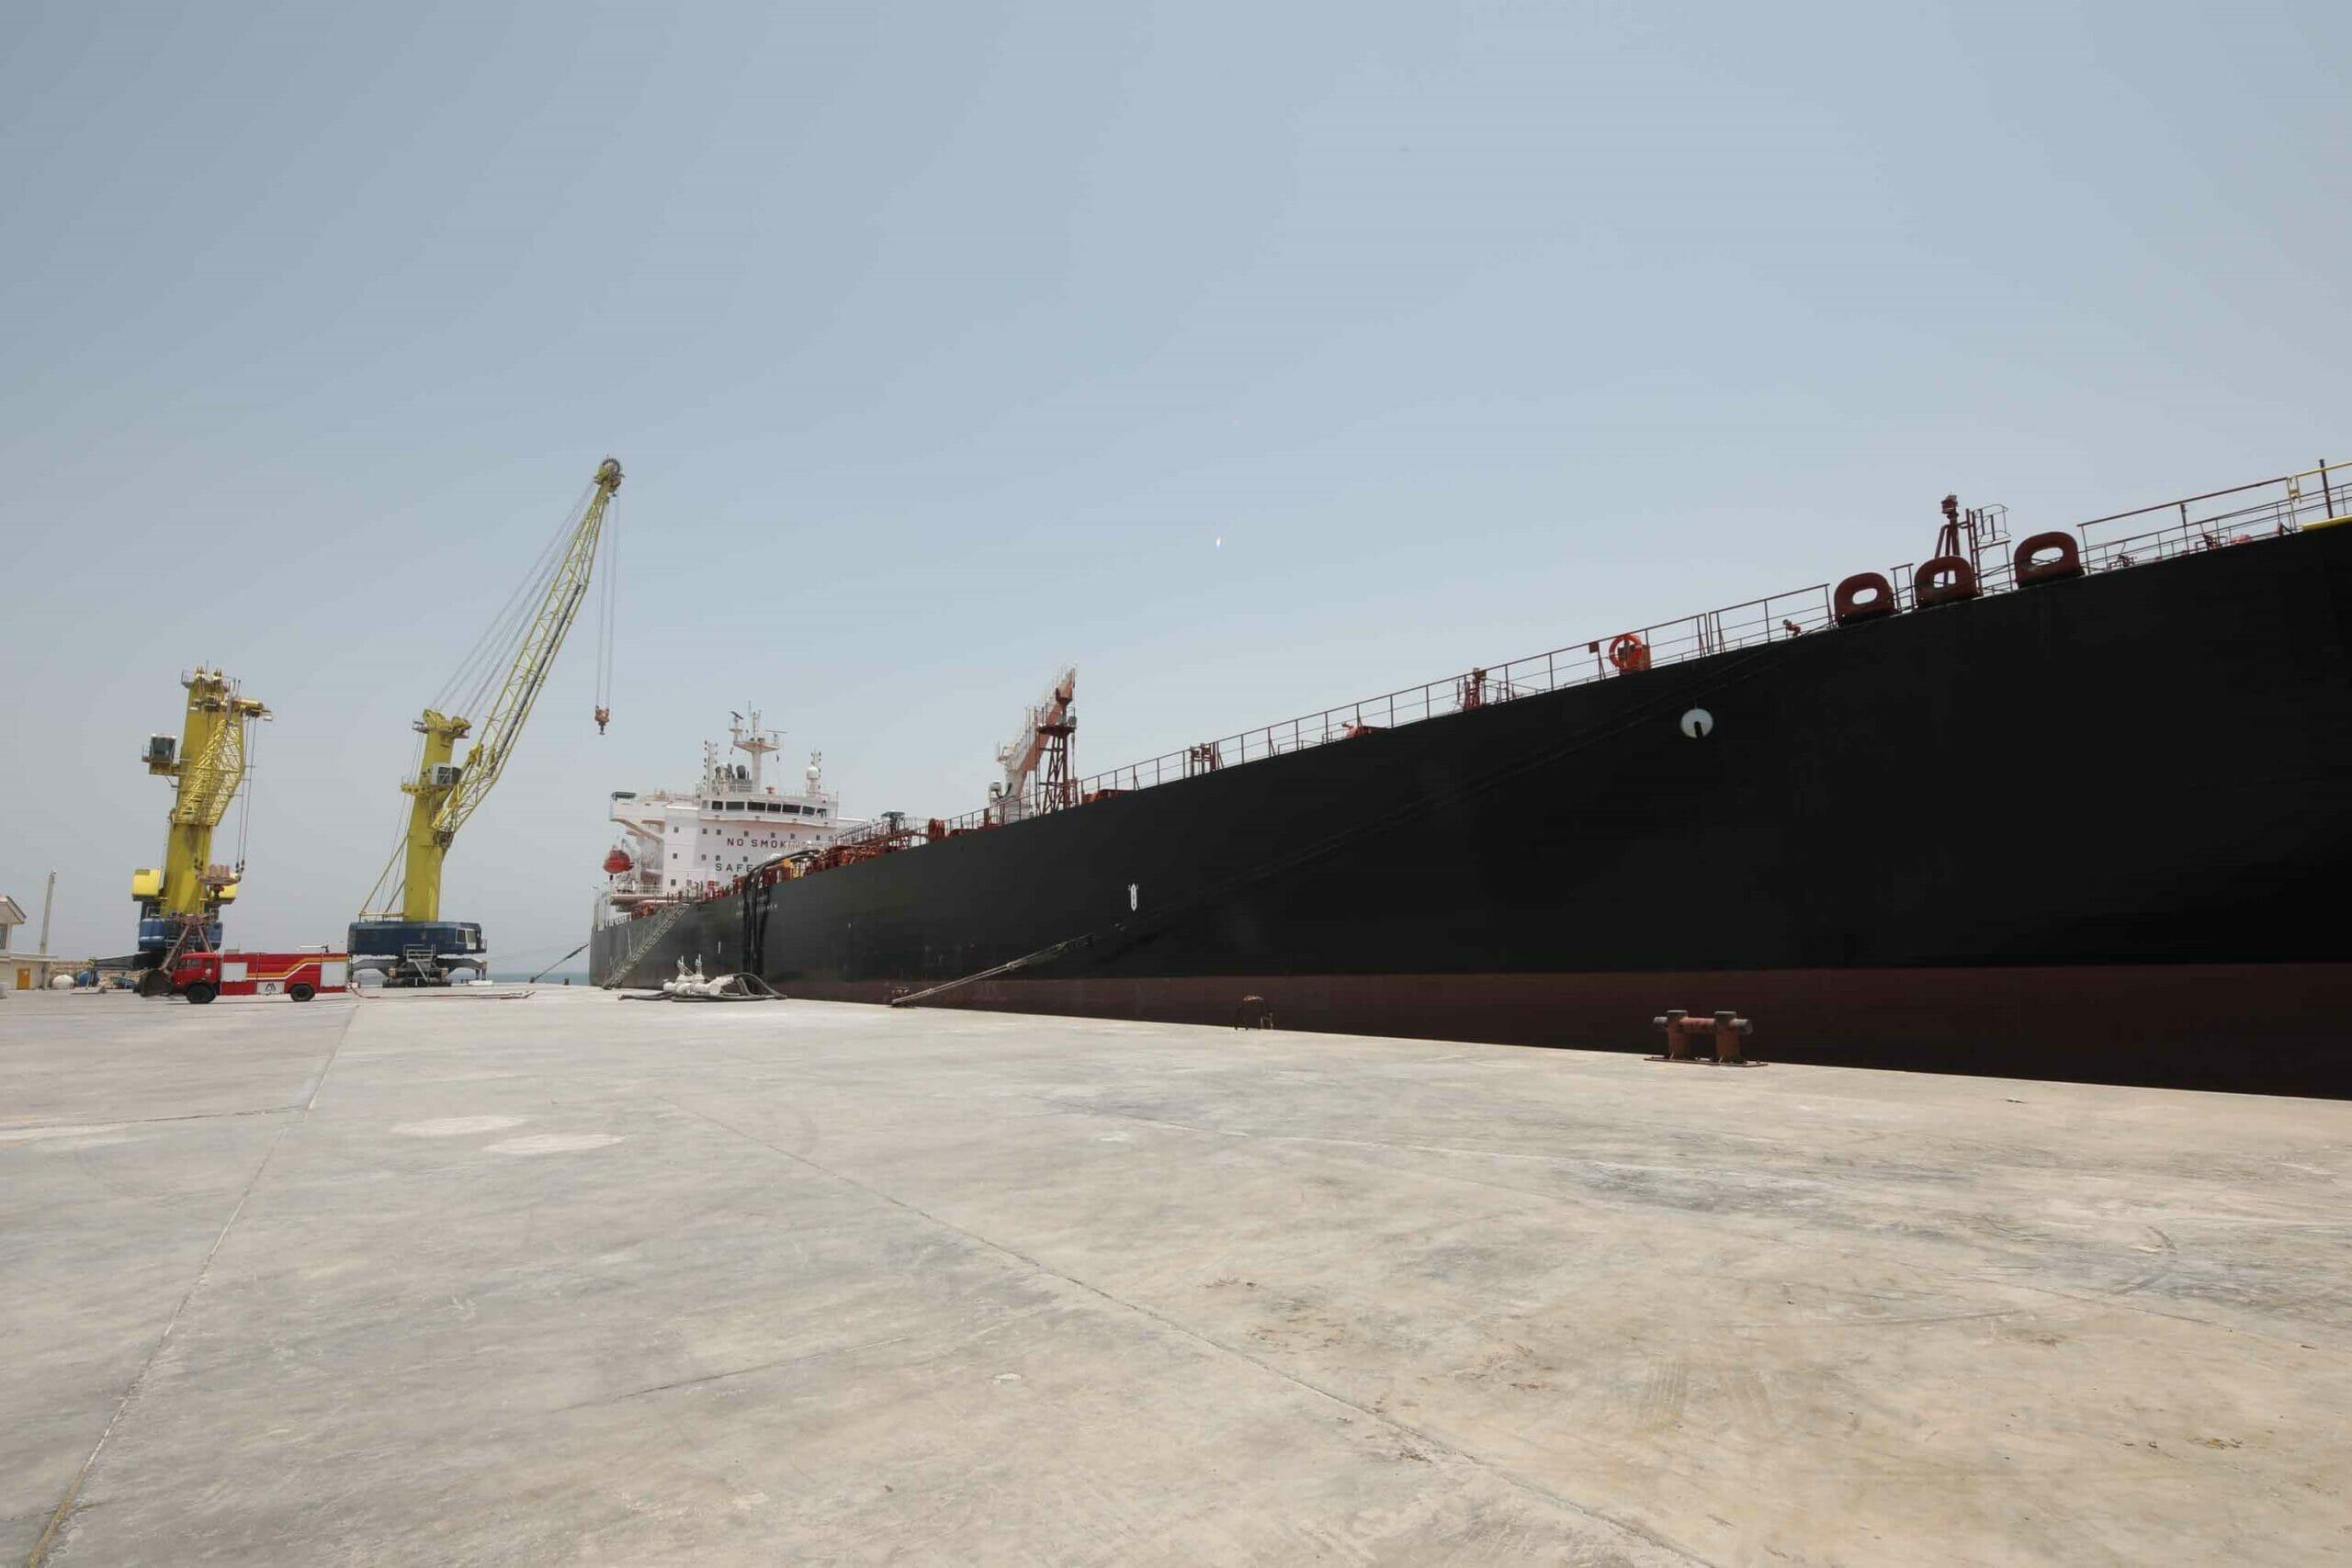 رونق صادرات مواد معدنی در بزرگترین بندر اقیانوسی کشور